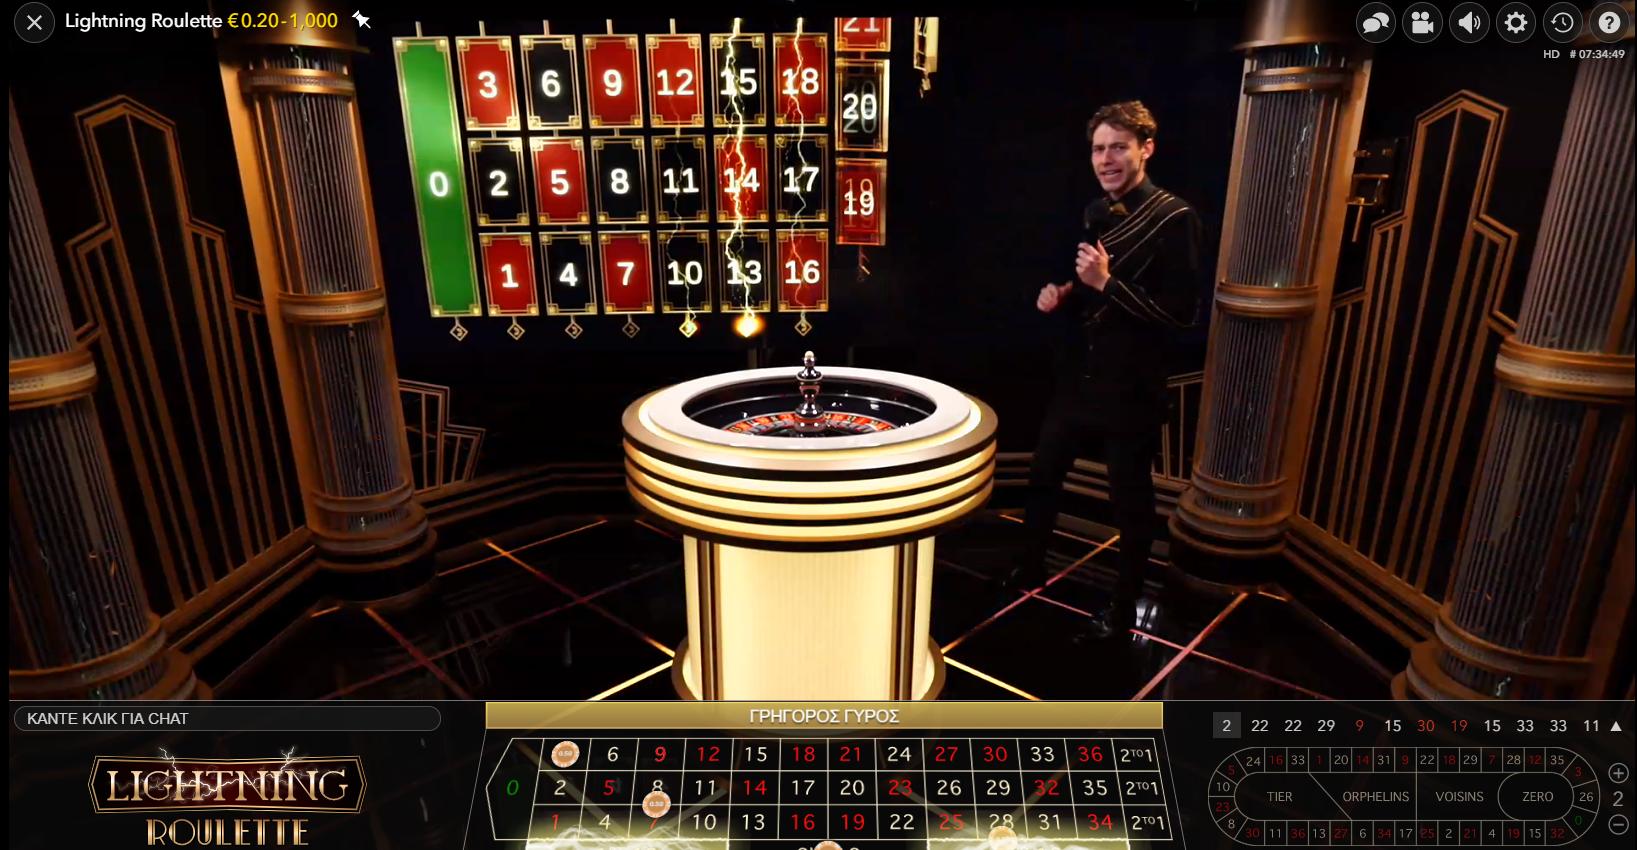 Οι κεραυνοί στην οθόνη κρύβουν ευκαιρίες για περισσότερα κέρδη στη Lightning Roulette